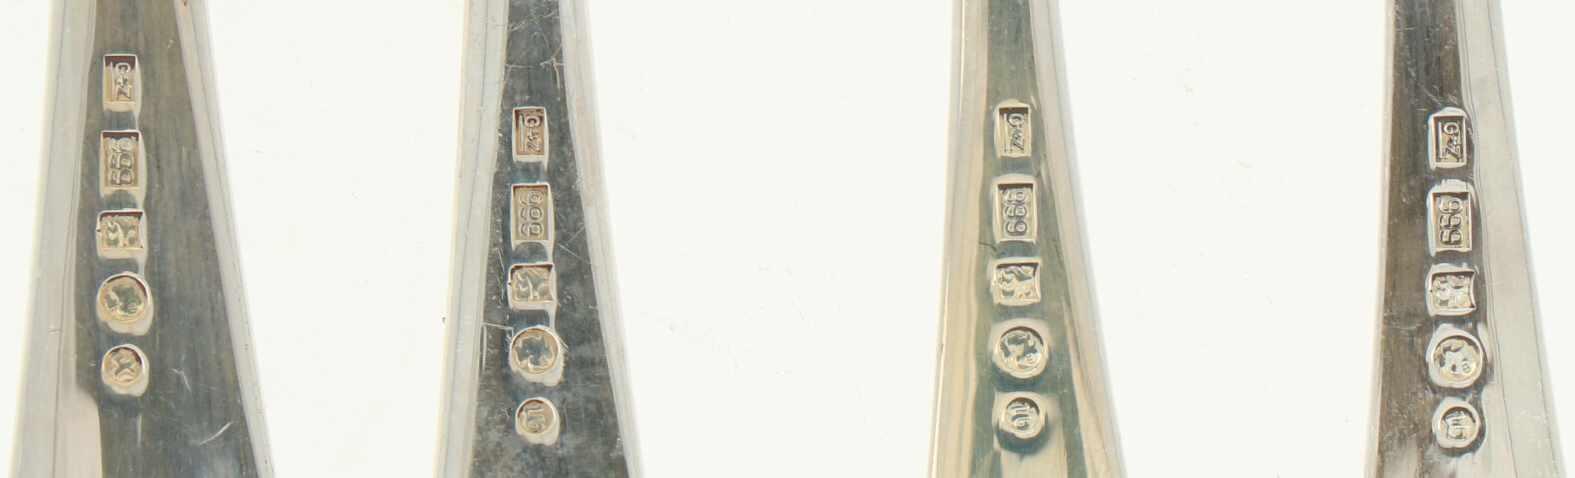 (14) Delige set zilver.Bestaande uit 6 koffielepels, 6 gebaksvorkjes, taartschep en suikerlepel. - Bild 3 aus 3